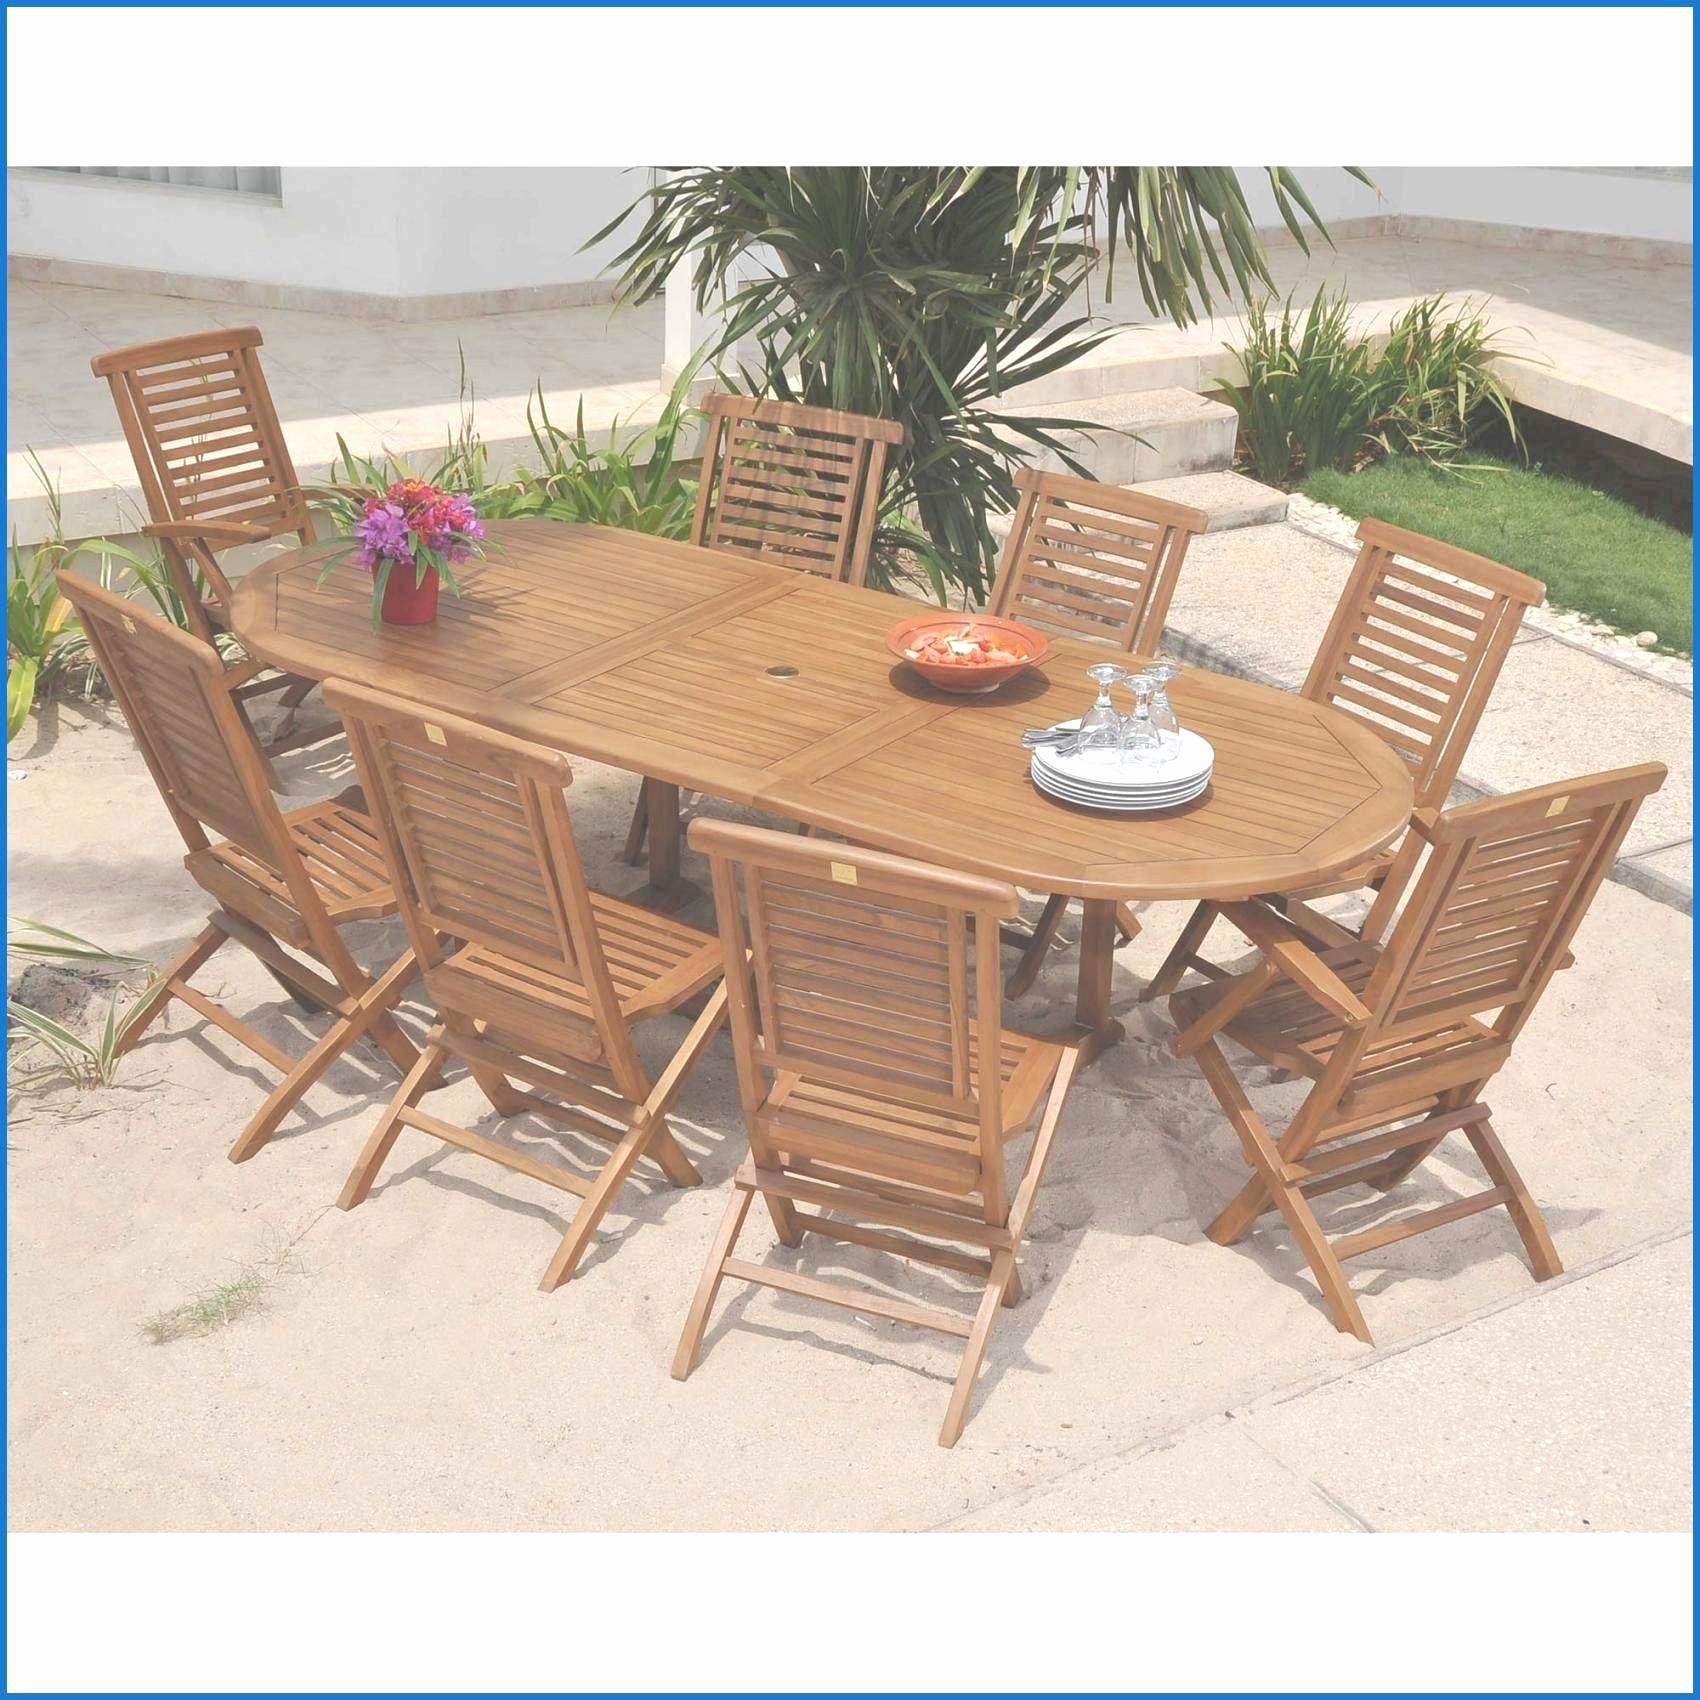 Basse Photographie En Leclerc De Table Jardin Plastique 2Deh9I intérieur Table Et Chaises De Jardin Leclerc